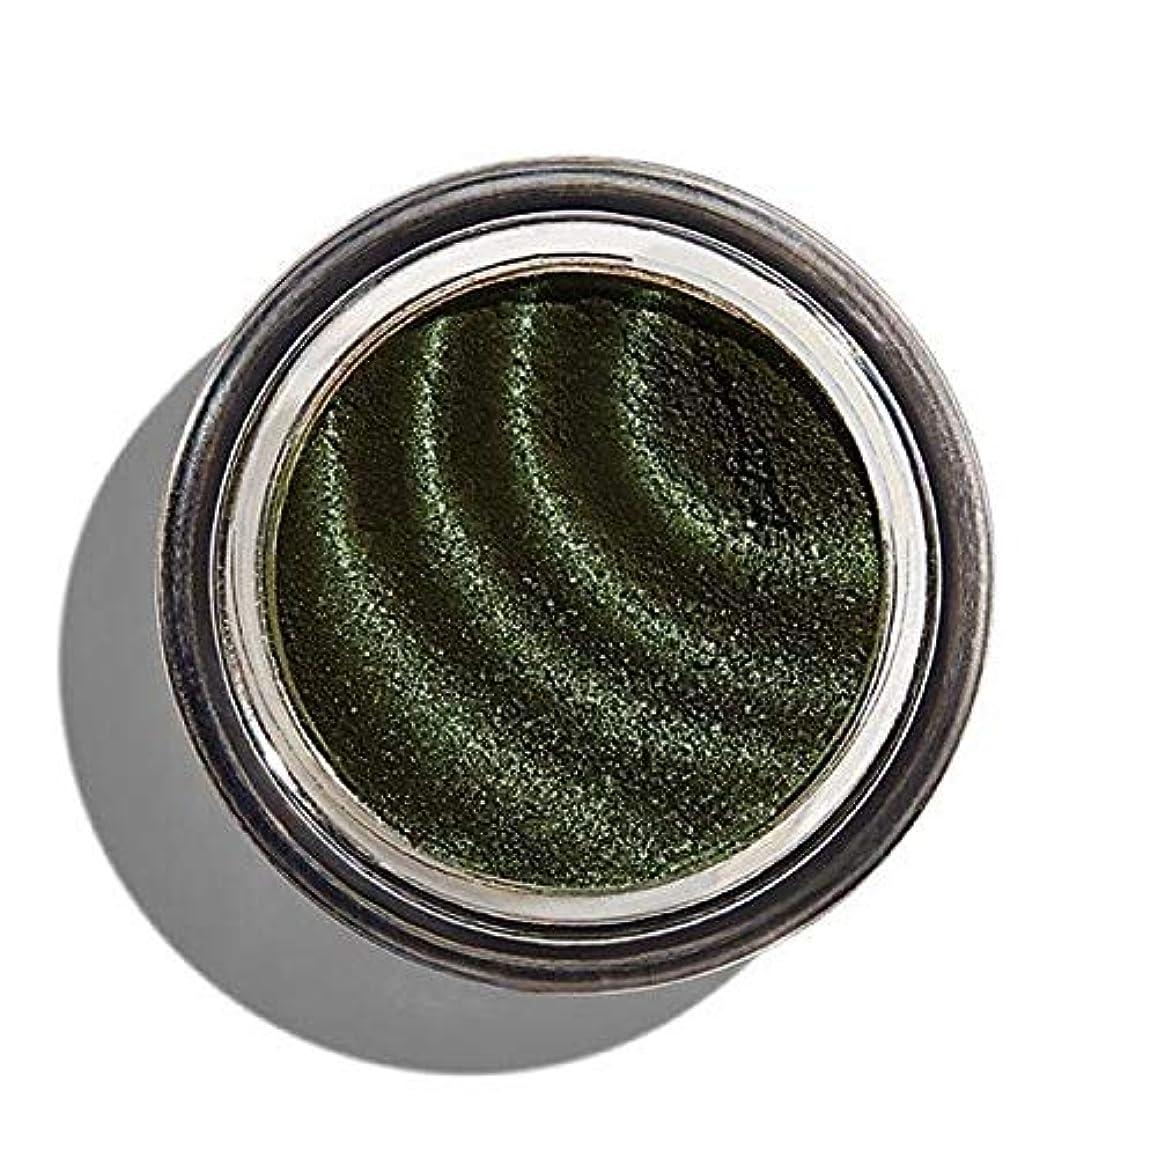 アルミニウム食品自治[Revolution ] 化粧回転磁化のアイシャドウグリーン - Makeup Revolution Magnetize Eyeshadow Green [並行輸入品]